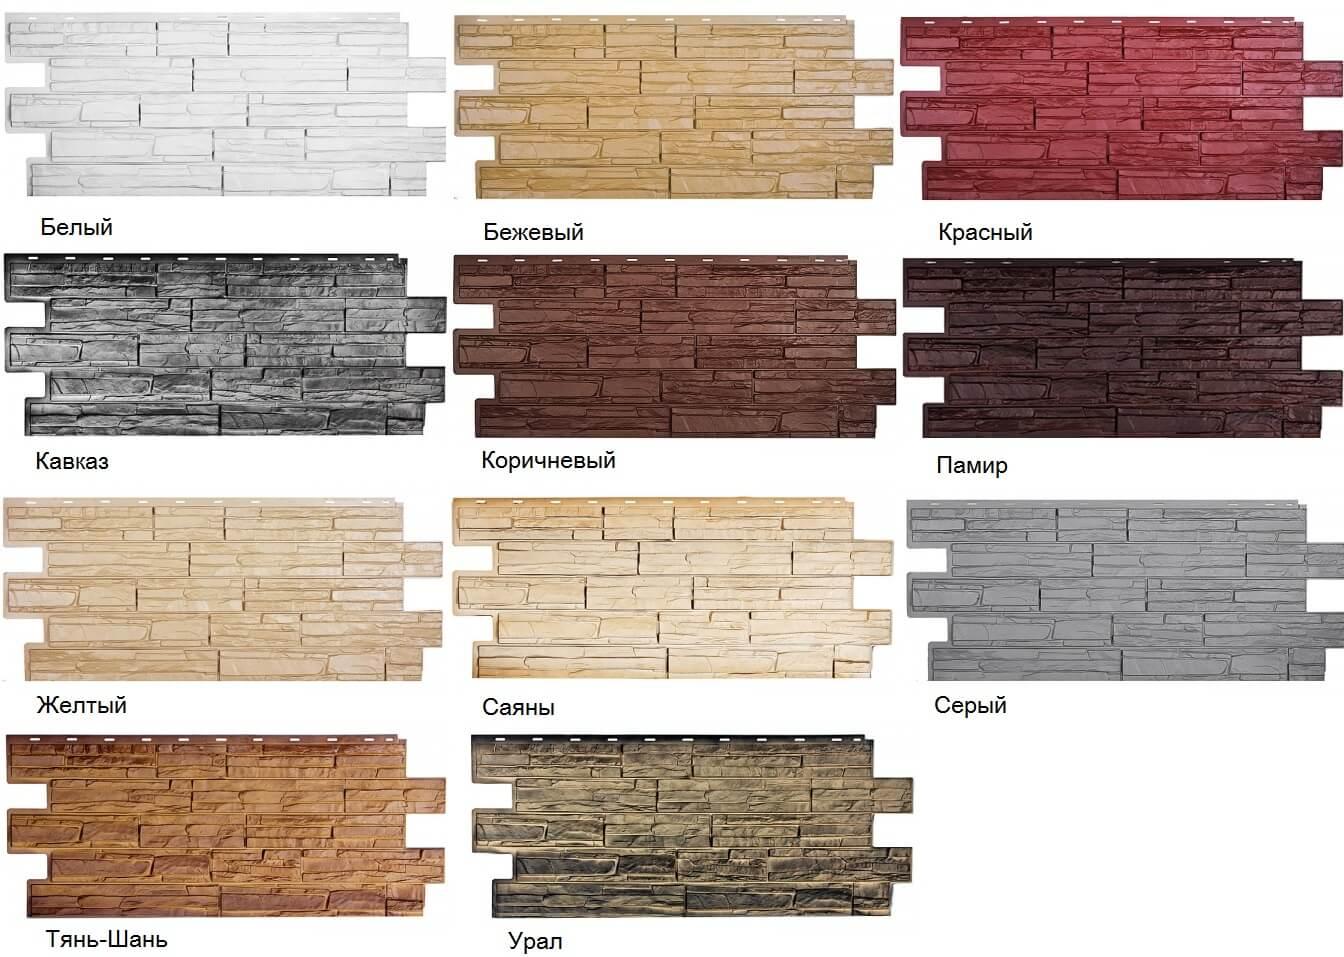 Цвета фасадных панелей